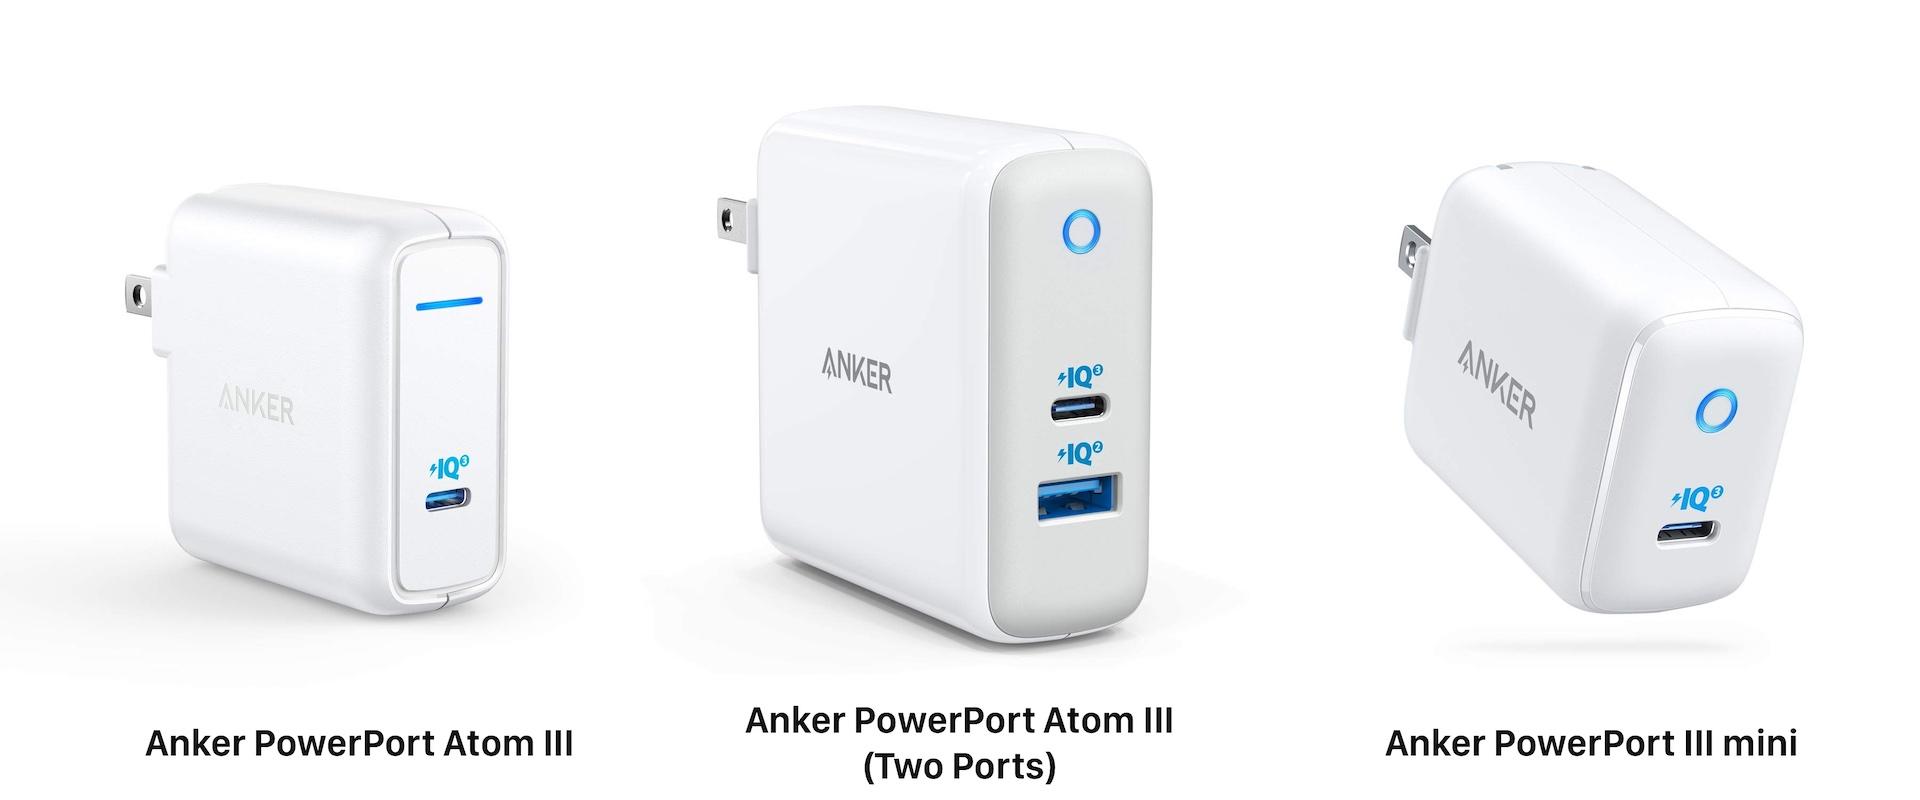 Anker PowerPort Atom III